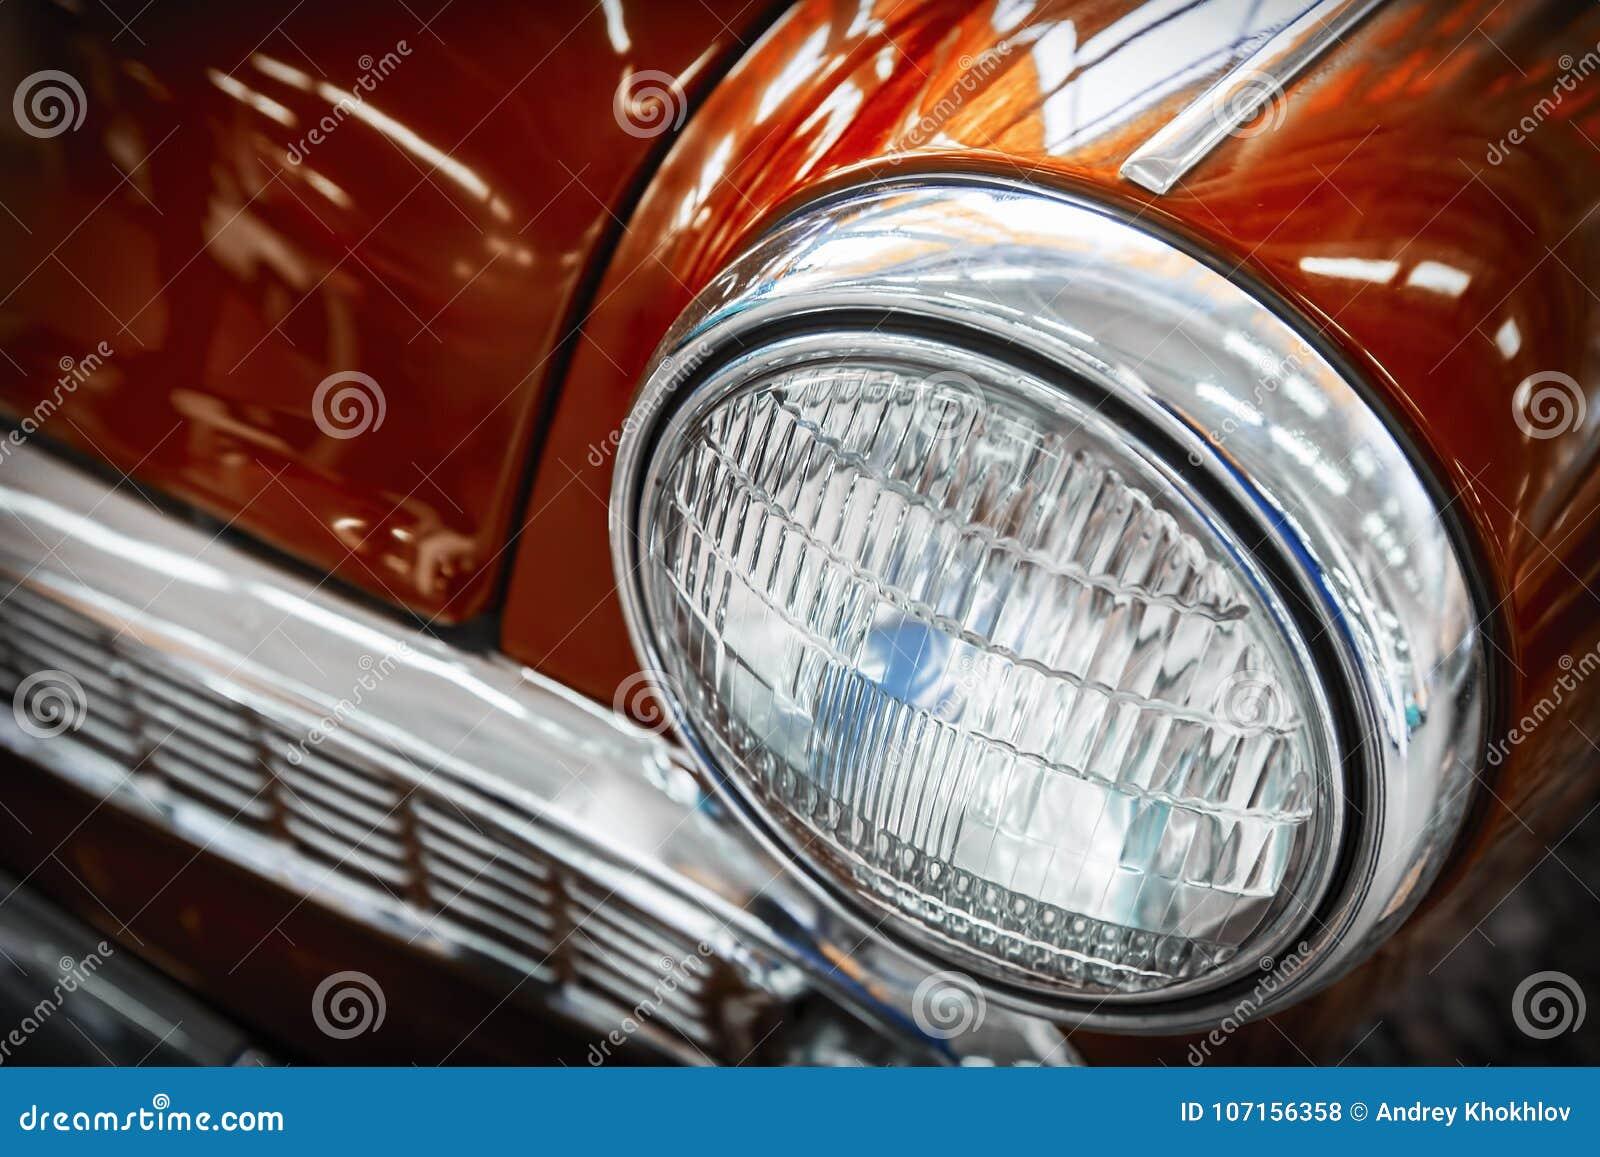 Kleurendetail op de koplamp van een uitstekende auto